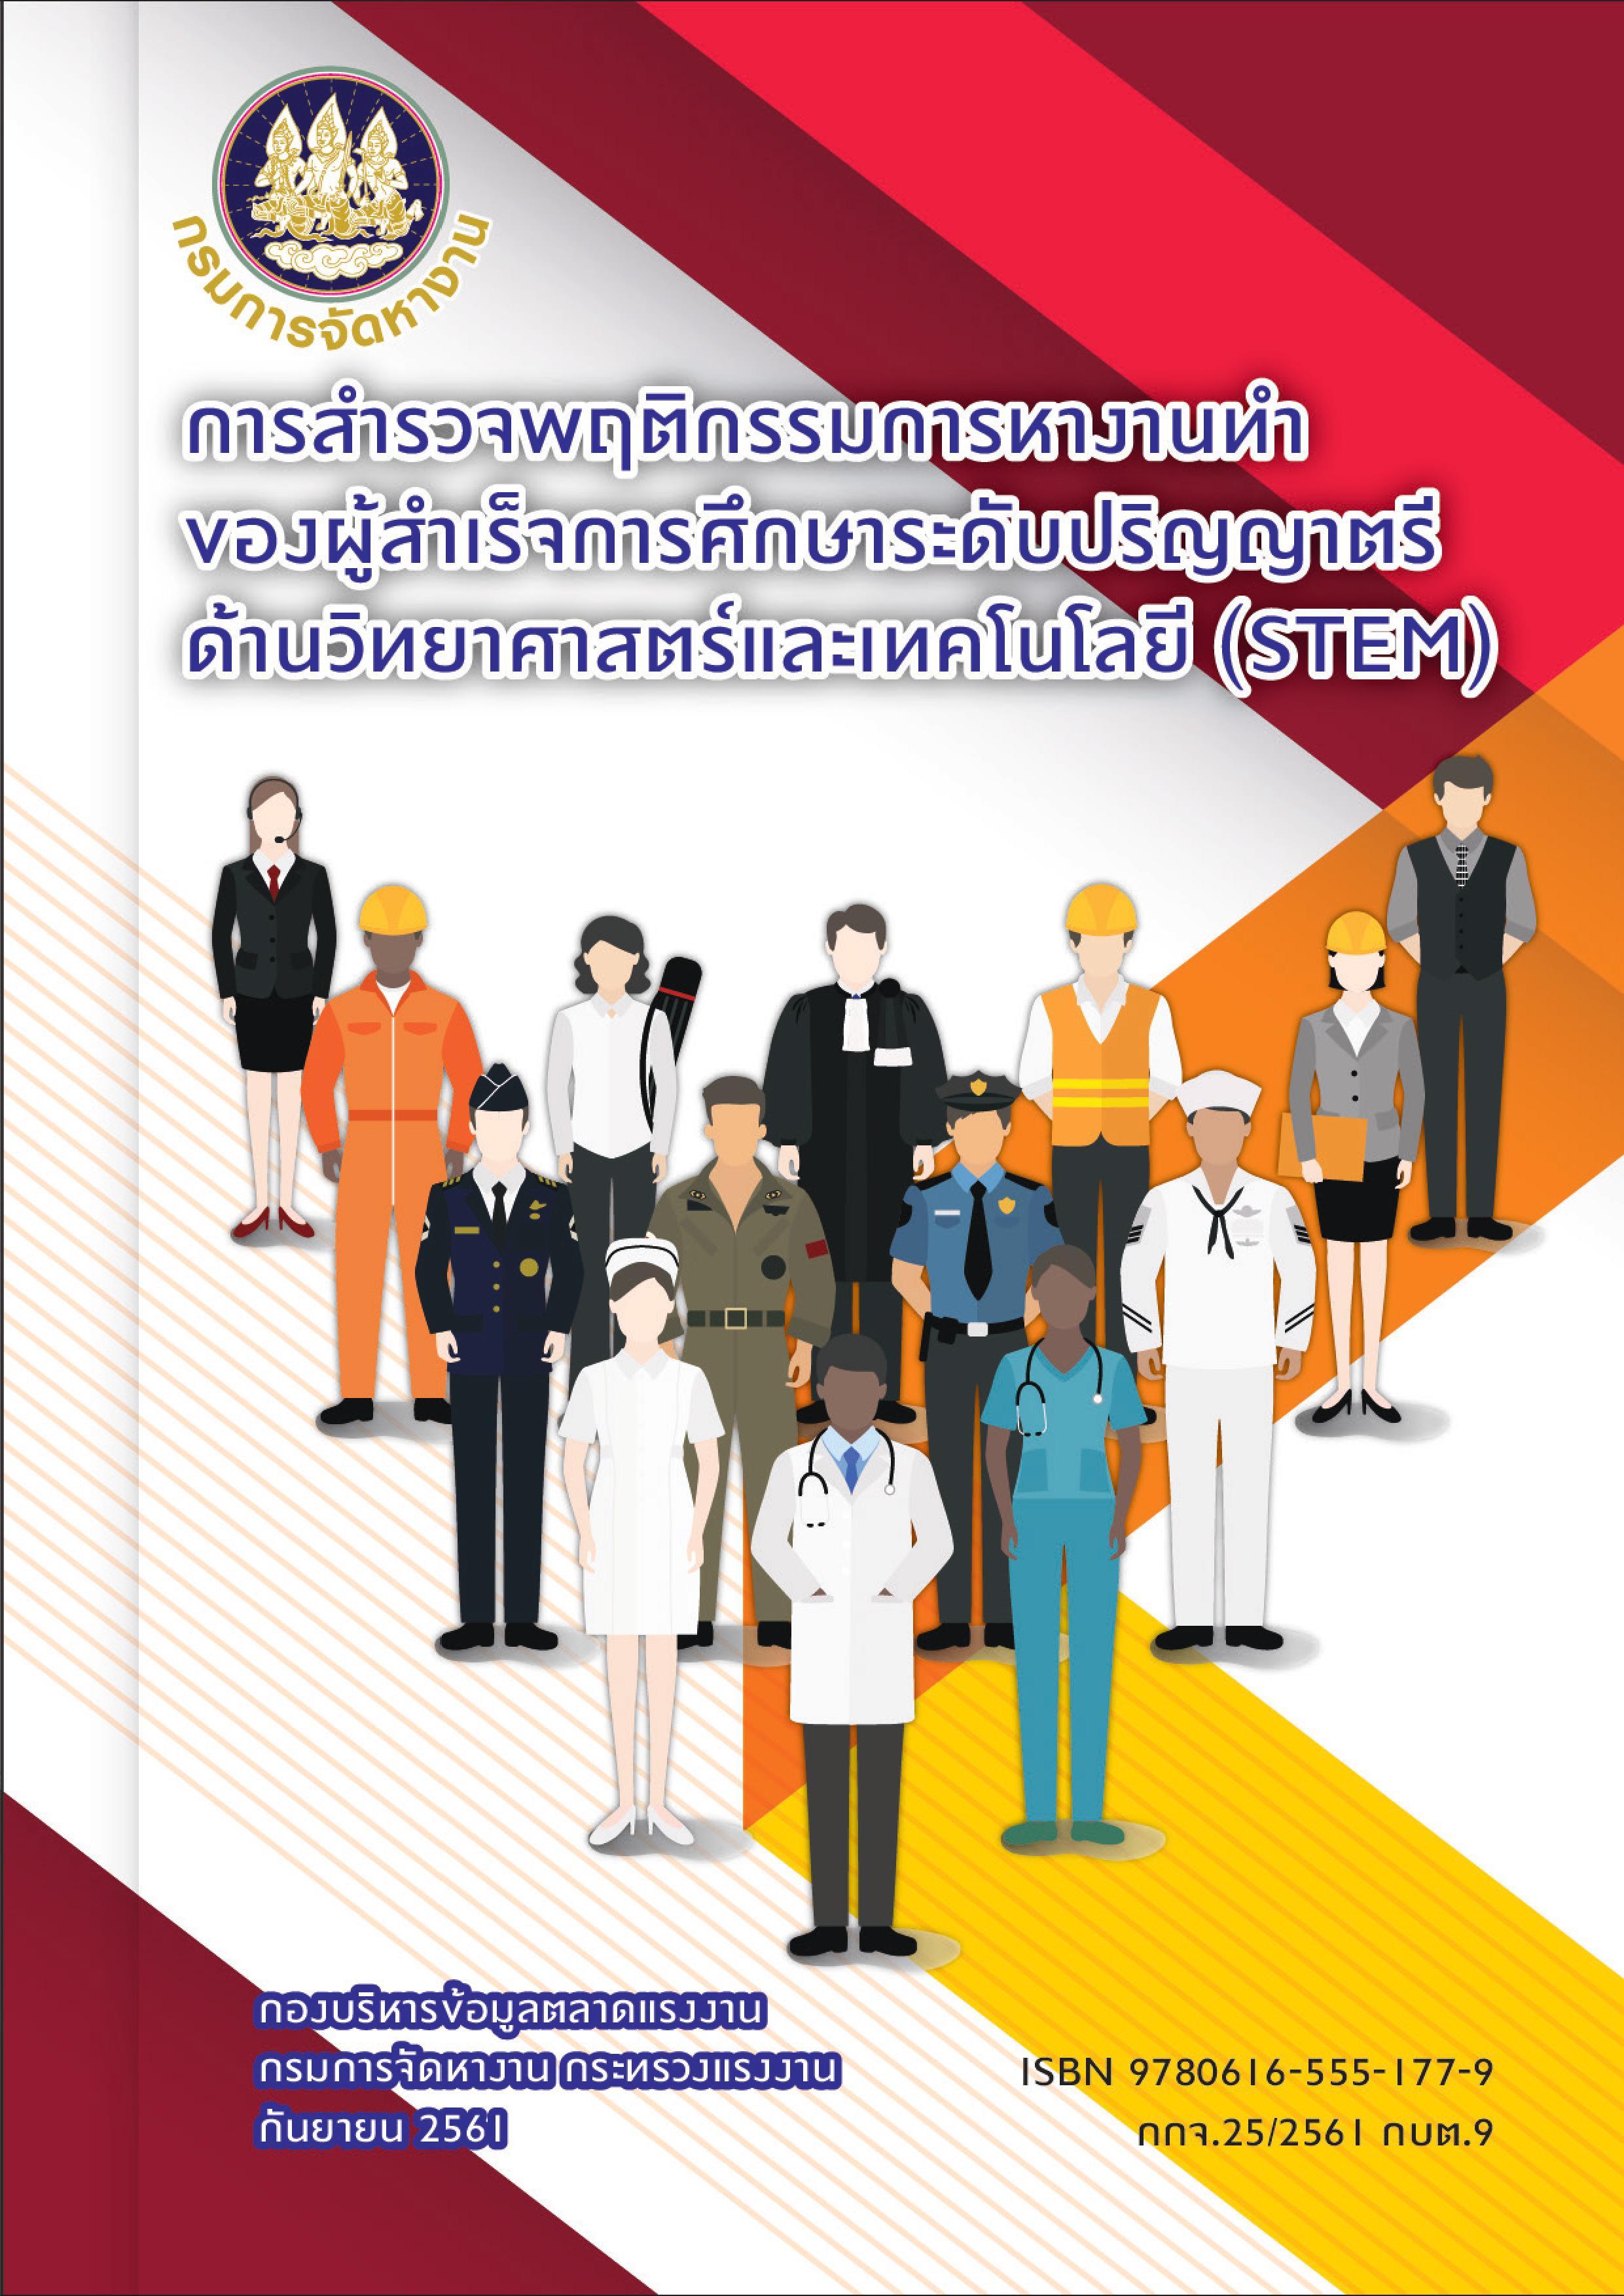 ผลการสำรวจพฤติกรรมการหางานทำของผู้สำเร็จการศึกษาระดับปริญญาตรีด้านวิทยาศาสตร์และเทคโนโลยี (STEM)